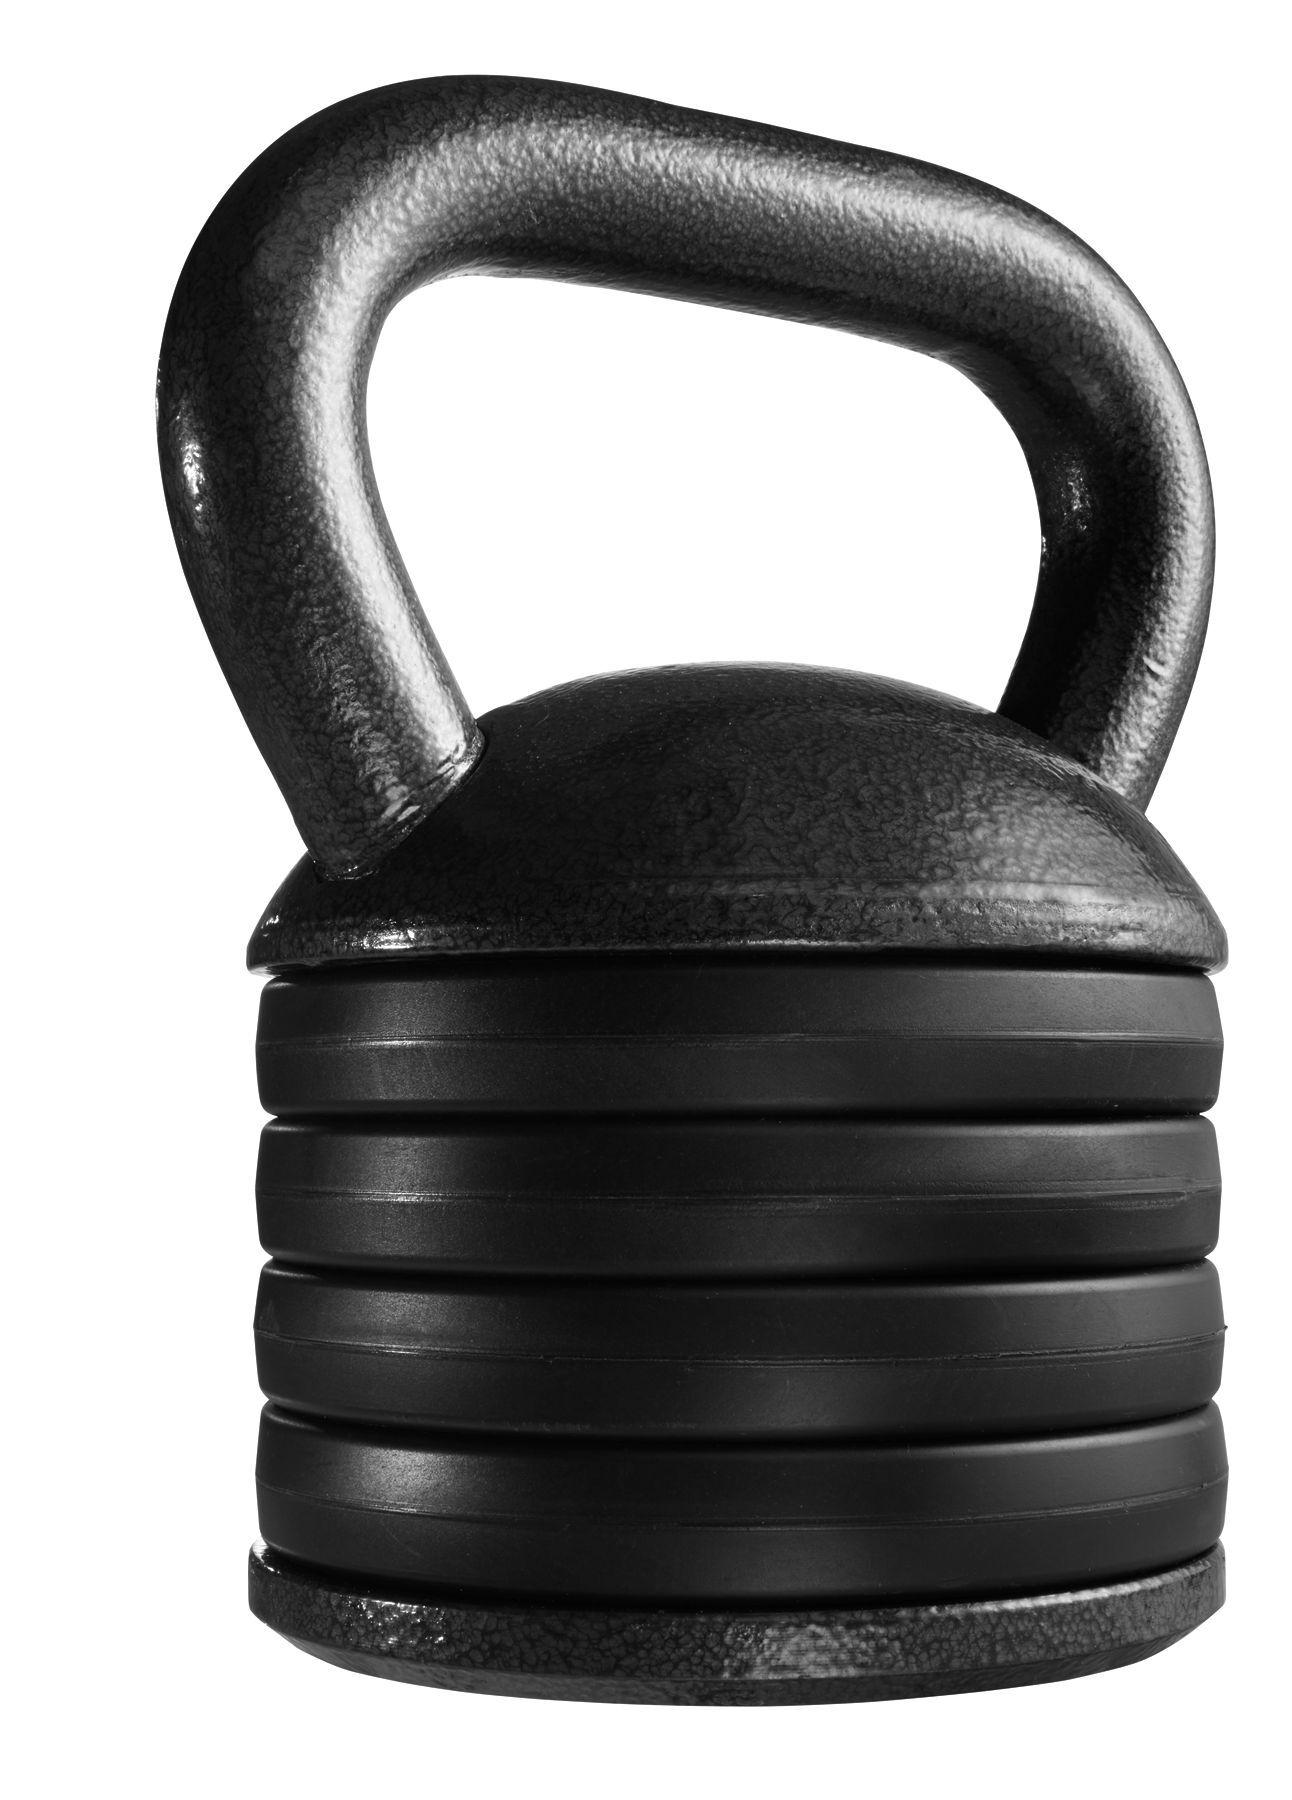 Fitness Gear Adjustable Kettlebell, Black